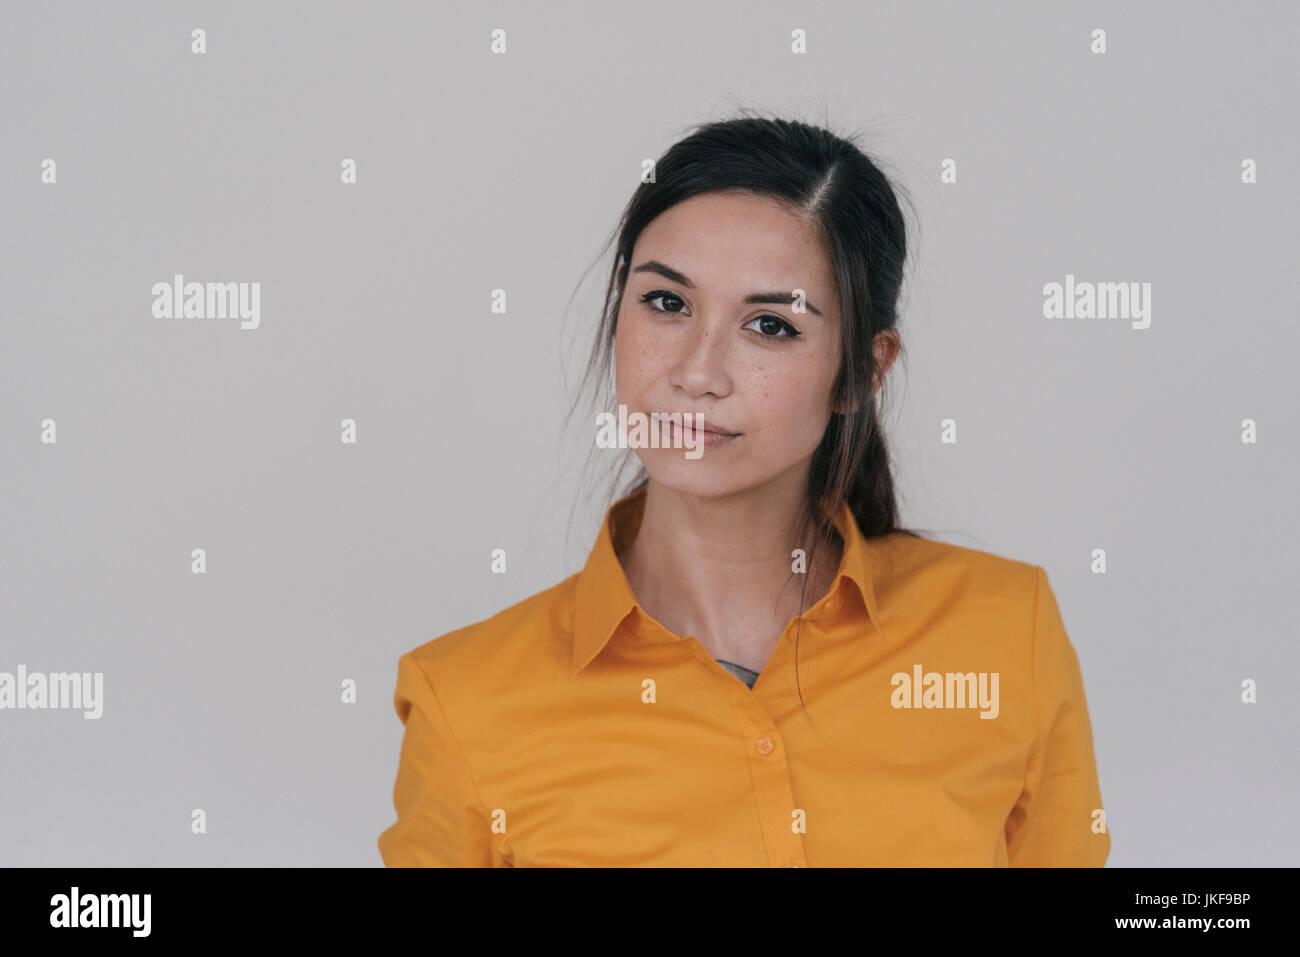 Ritratto di una giovane donna che guarda scettico Immagini Stock